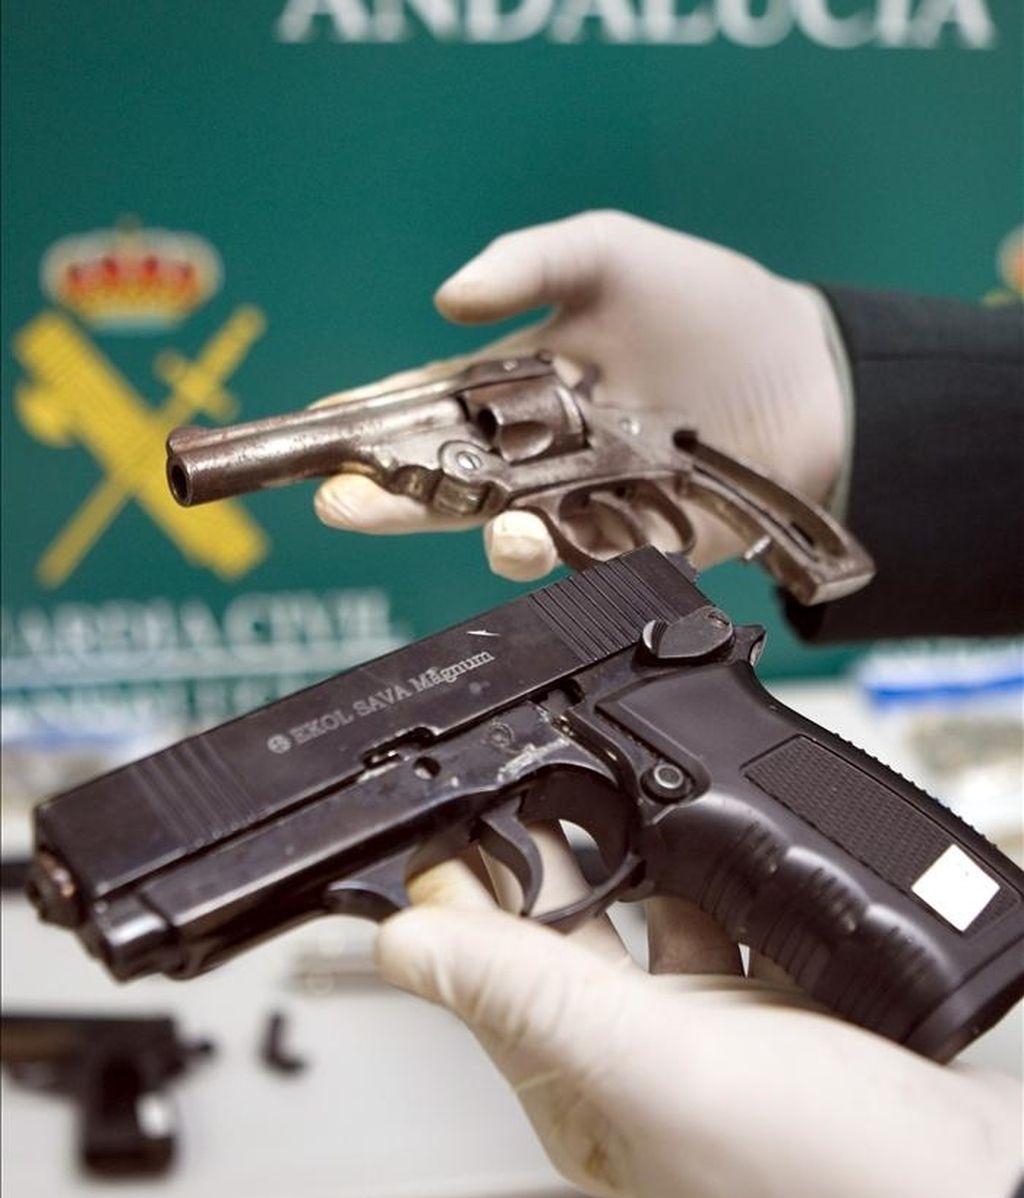 Un miembro de la Guardia Civil meustraa dos de las armas incautadas en Sevilla a cuatro personas que formaban una red dedicada a transformar armas de fuego en reales, según informó hoy el portavoz del Instituto Armado. EFE